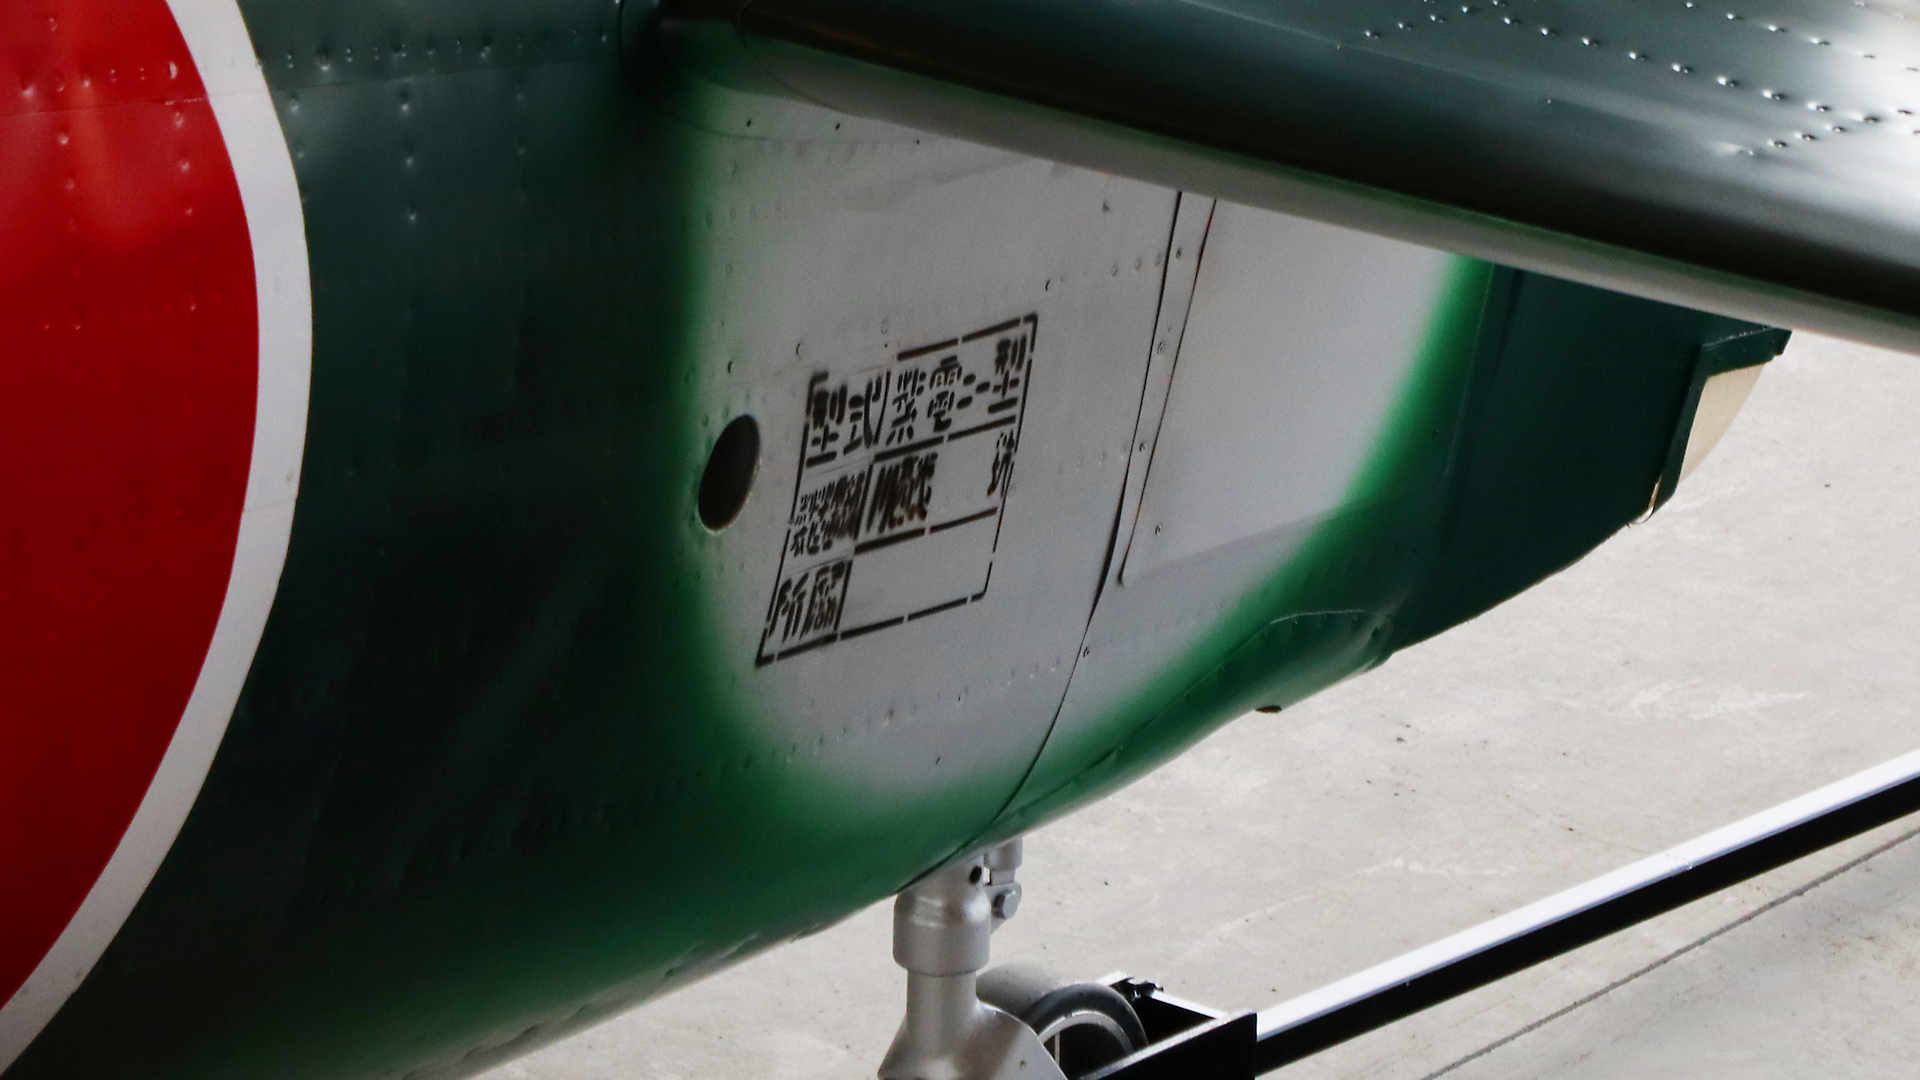 鶉野飛行場跡 紫電改 と 防空壕 の写真 画像